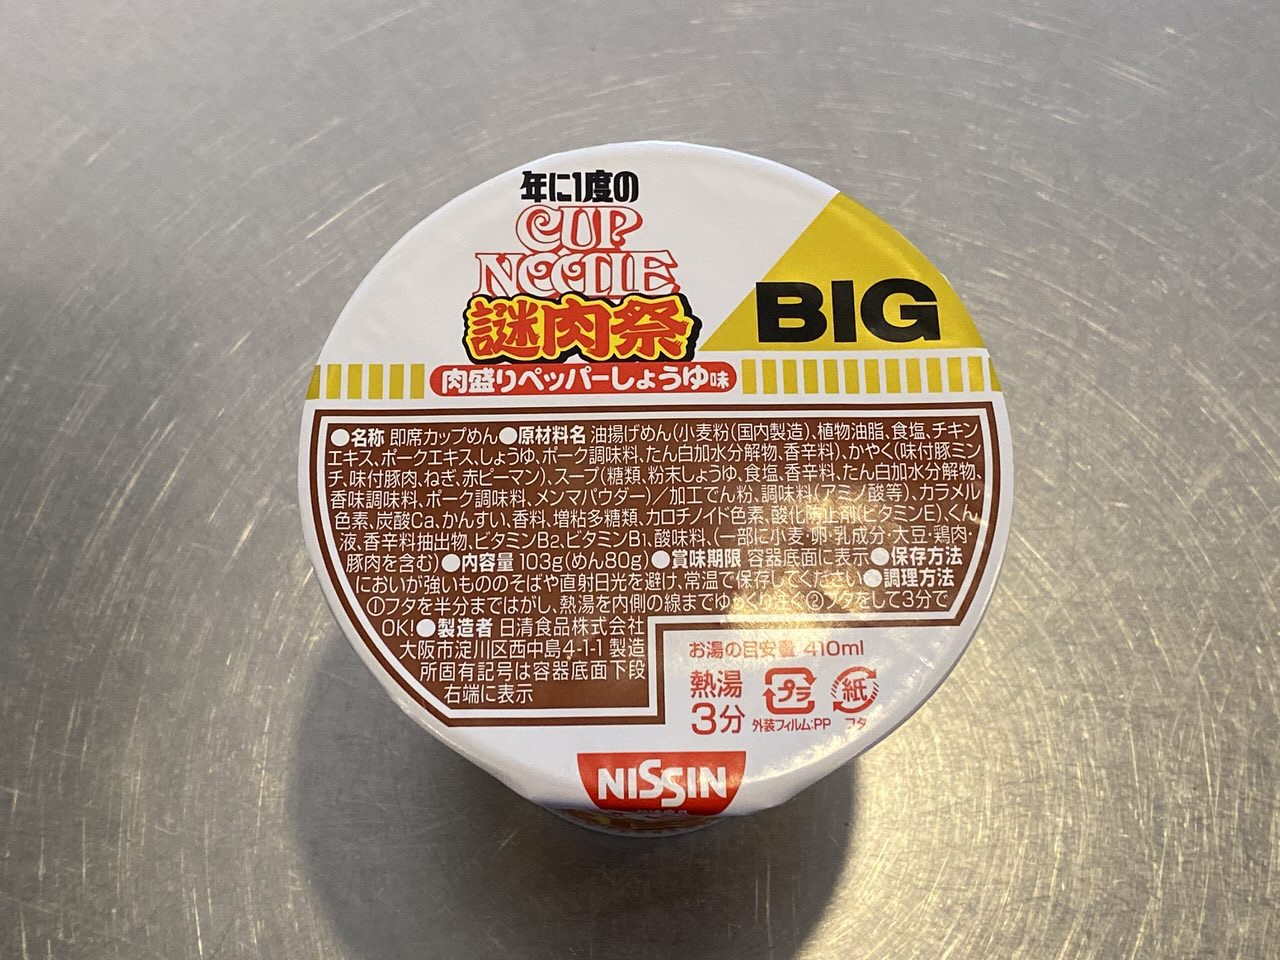 「カップヌードル ビッグ 謎肉祭」1